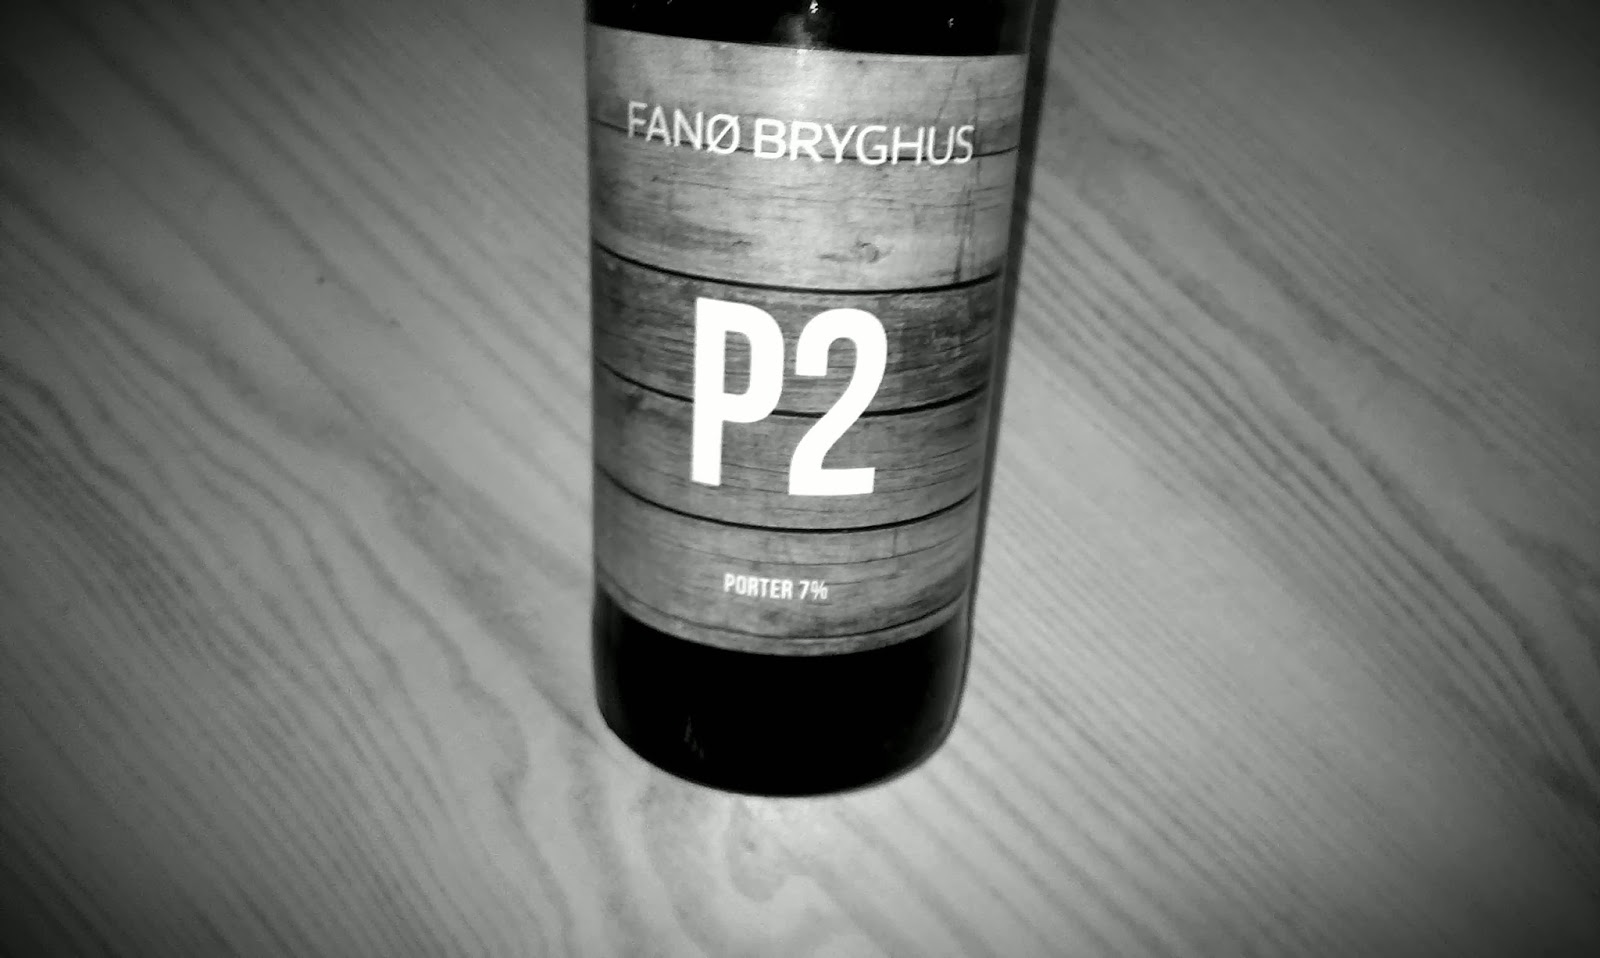 P2 Fanø Bryghus